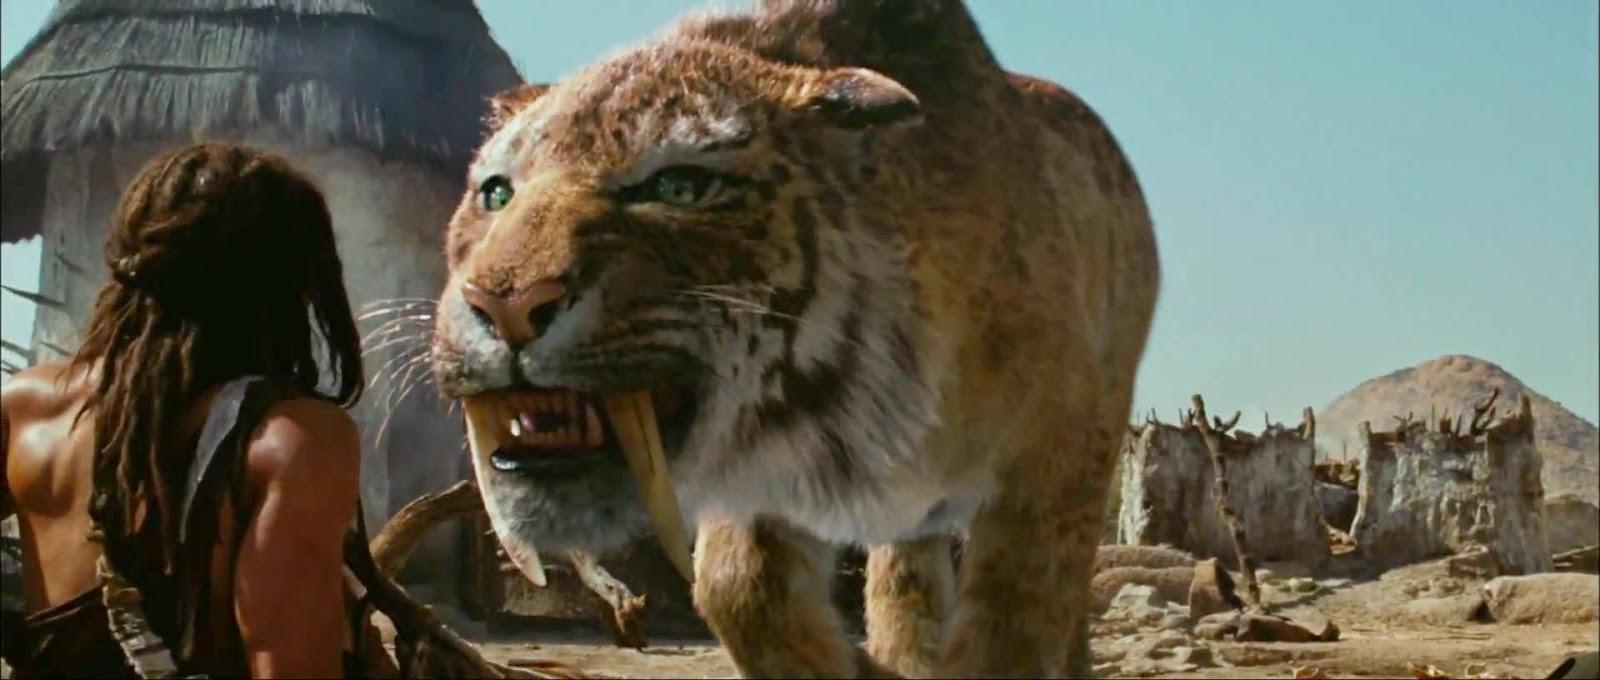 Image result for सेबर दंत शेर